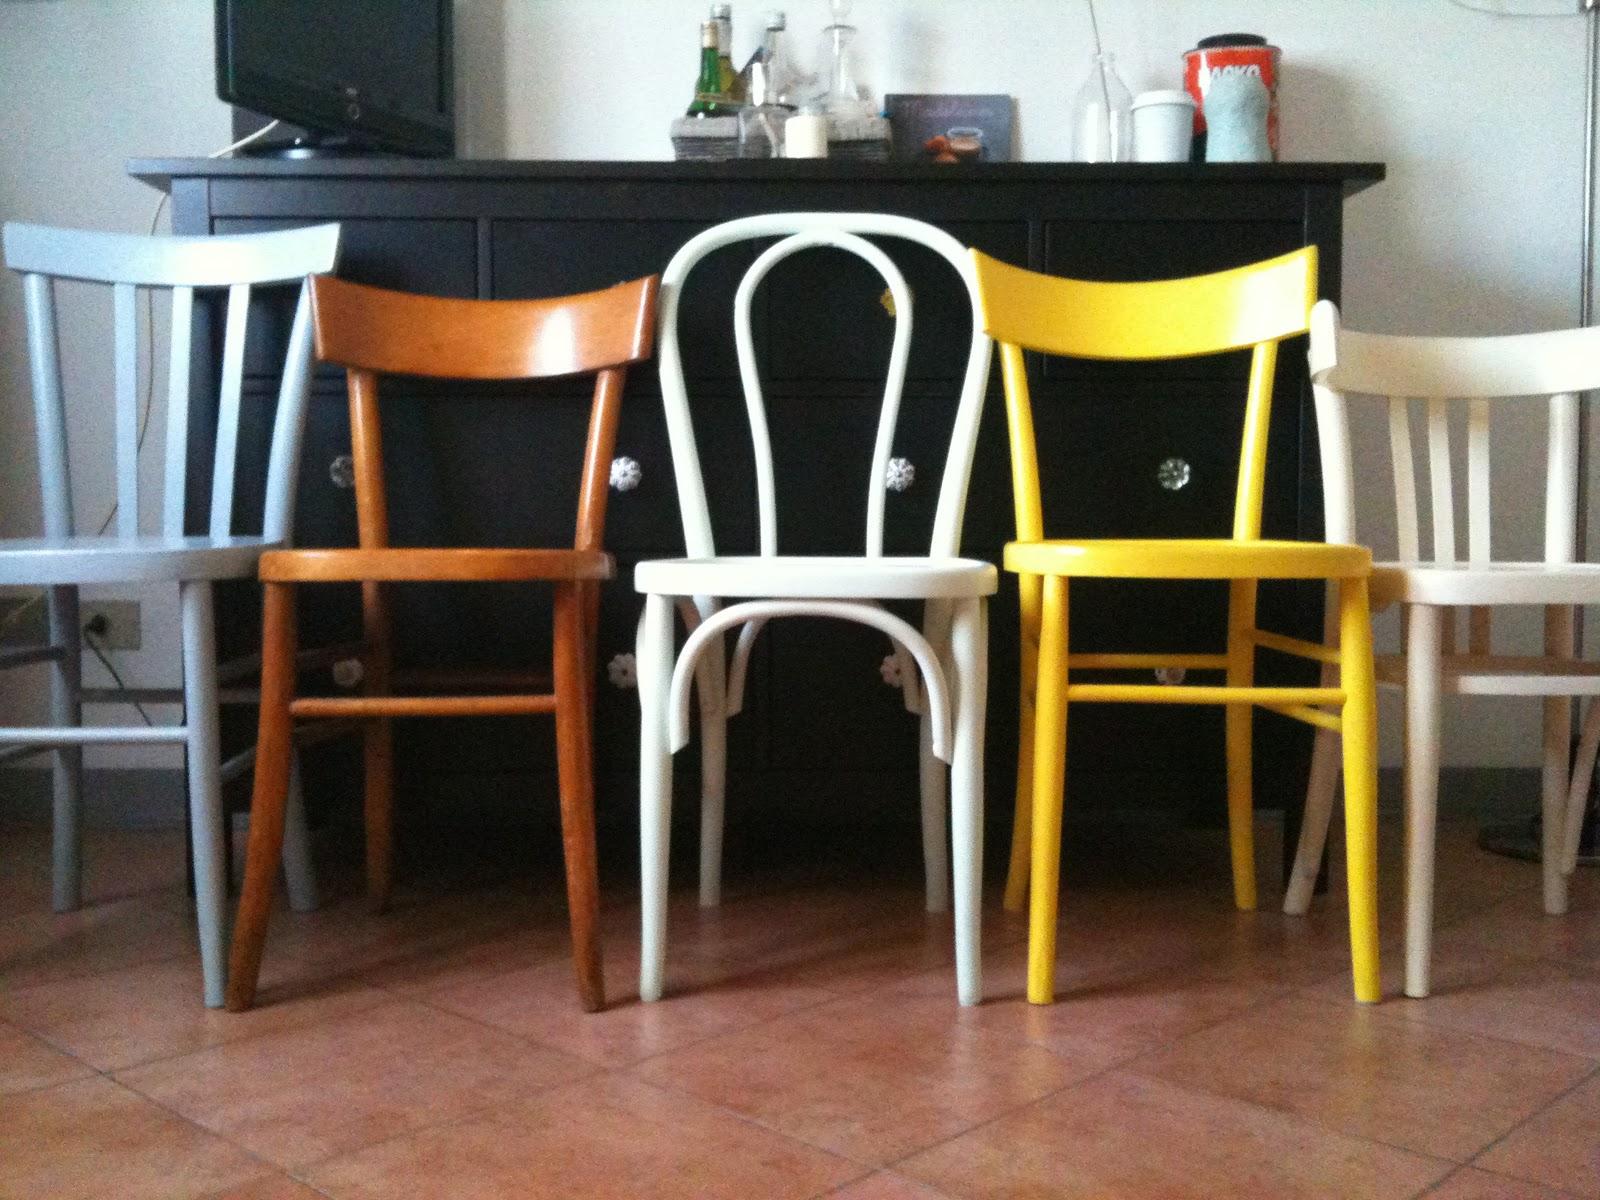 Tre cimette sul com cuore di sedie for Sedia anni 50 design